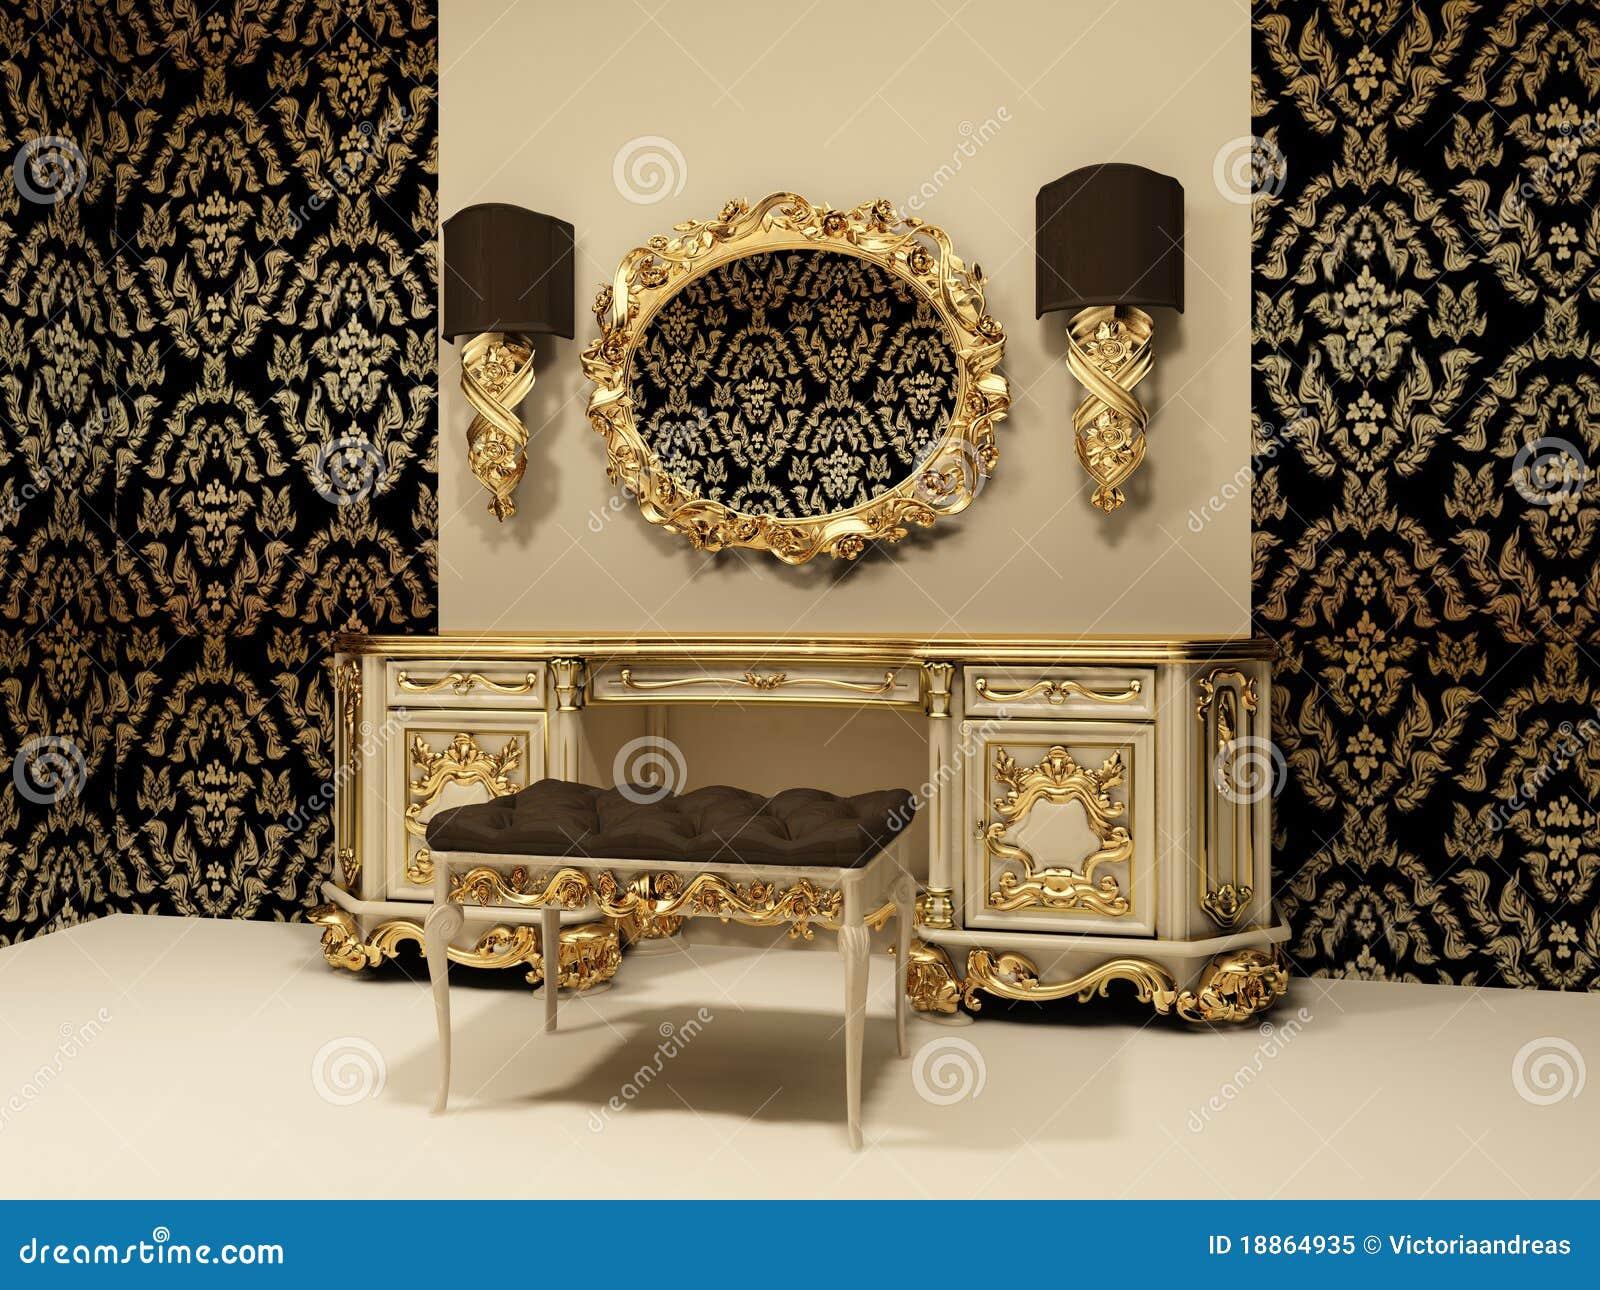 Gouden Barok Spiegel : Barokke lijst met spiegel op behangbackgro stock illustratie